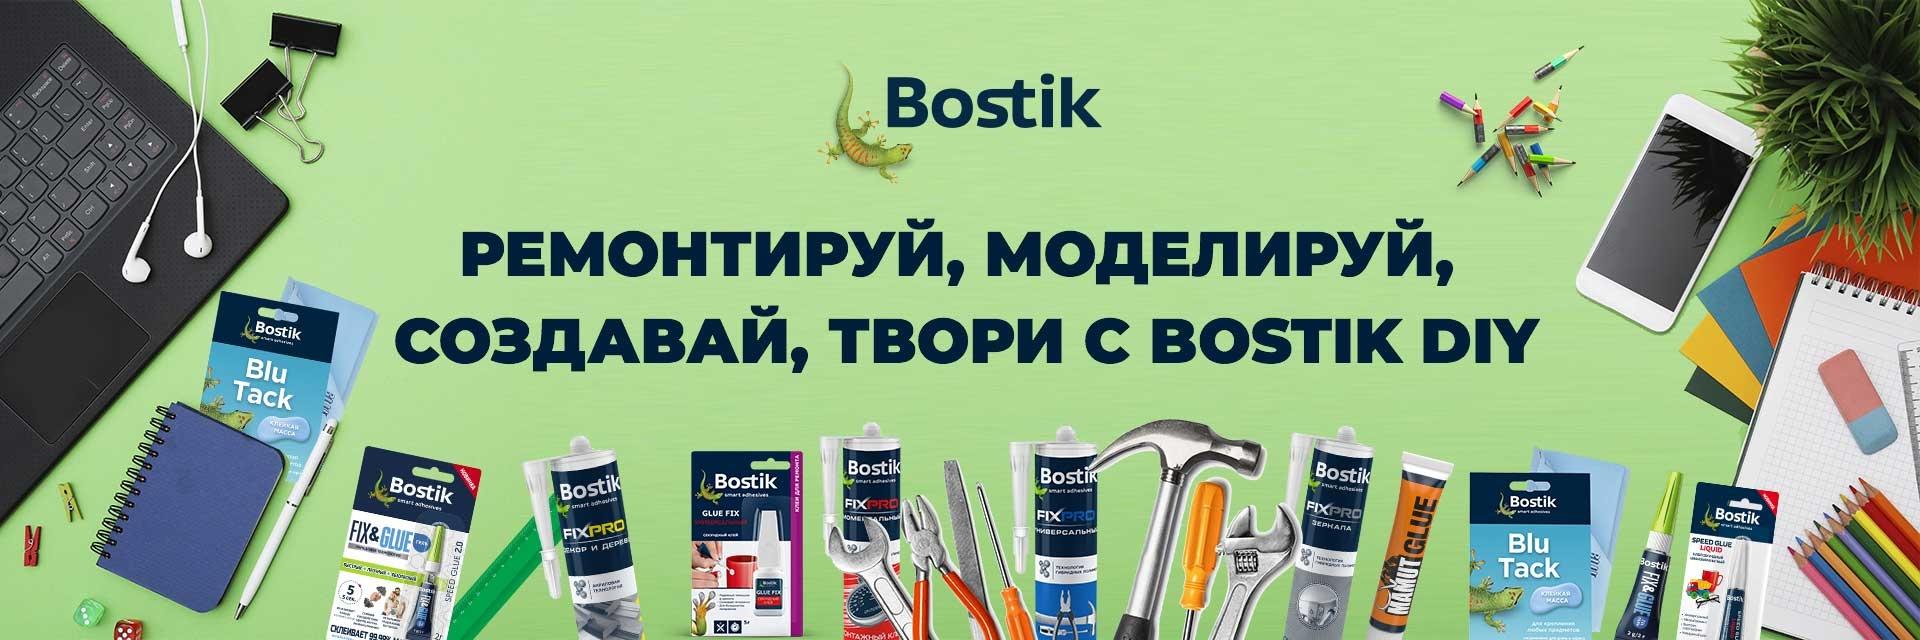 Bostik slider image 0